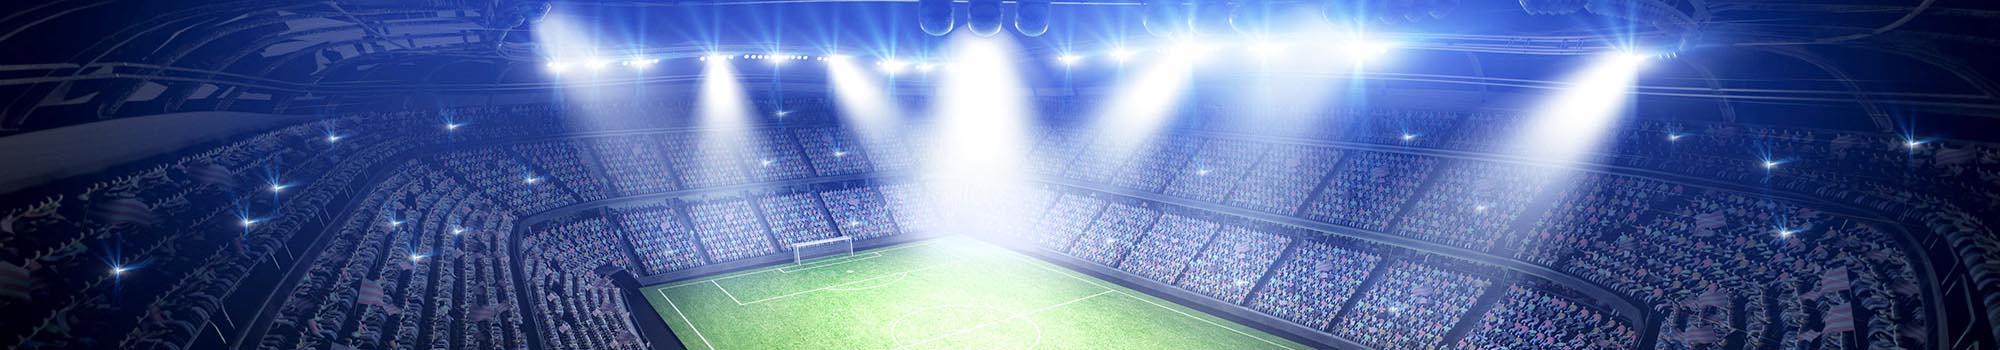 Beleuchtungsanlagen in EM-Stadien